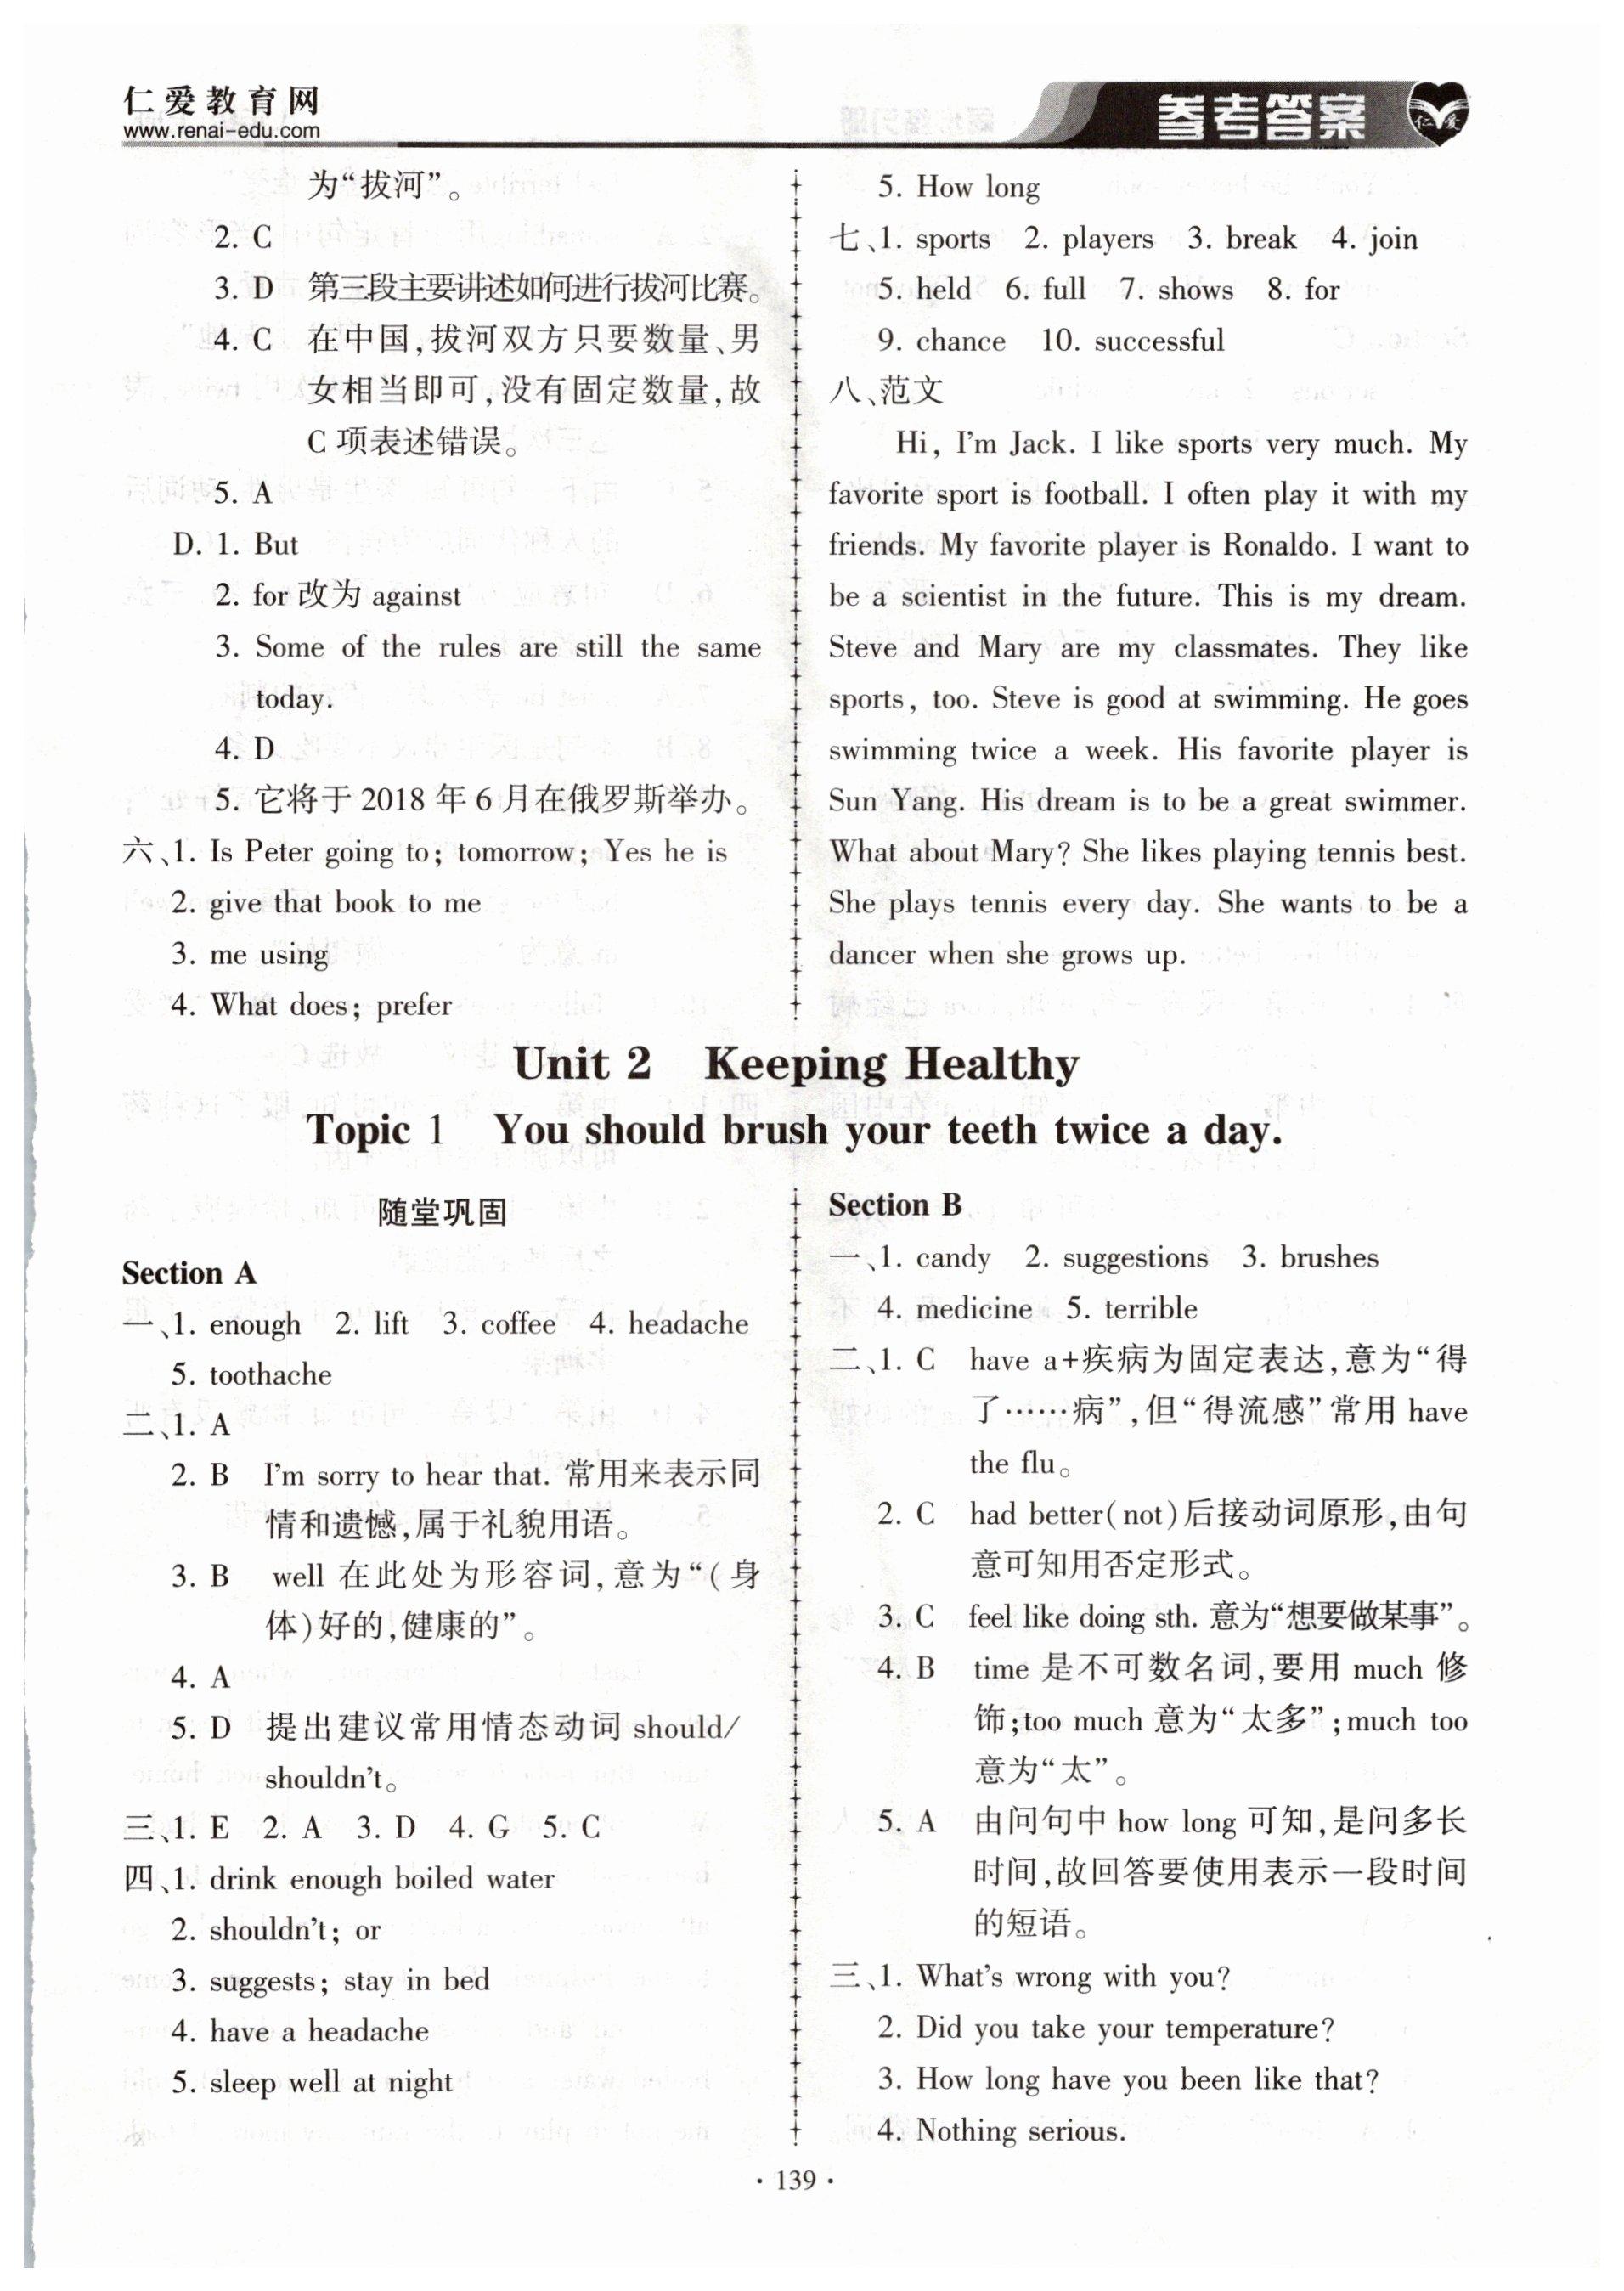 2018年仁爱英语同步练习册八年级上册仁爱版第9页